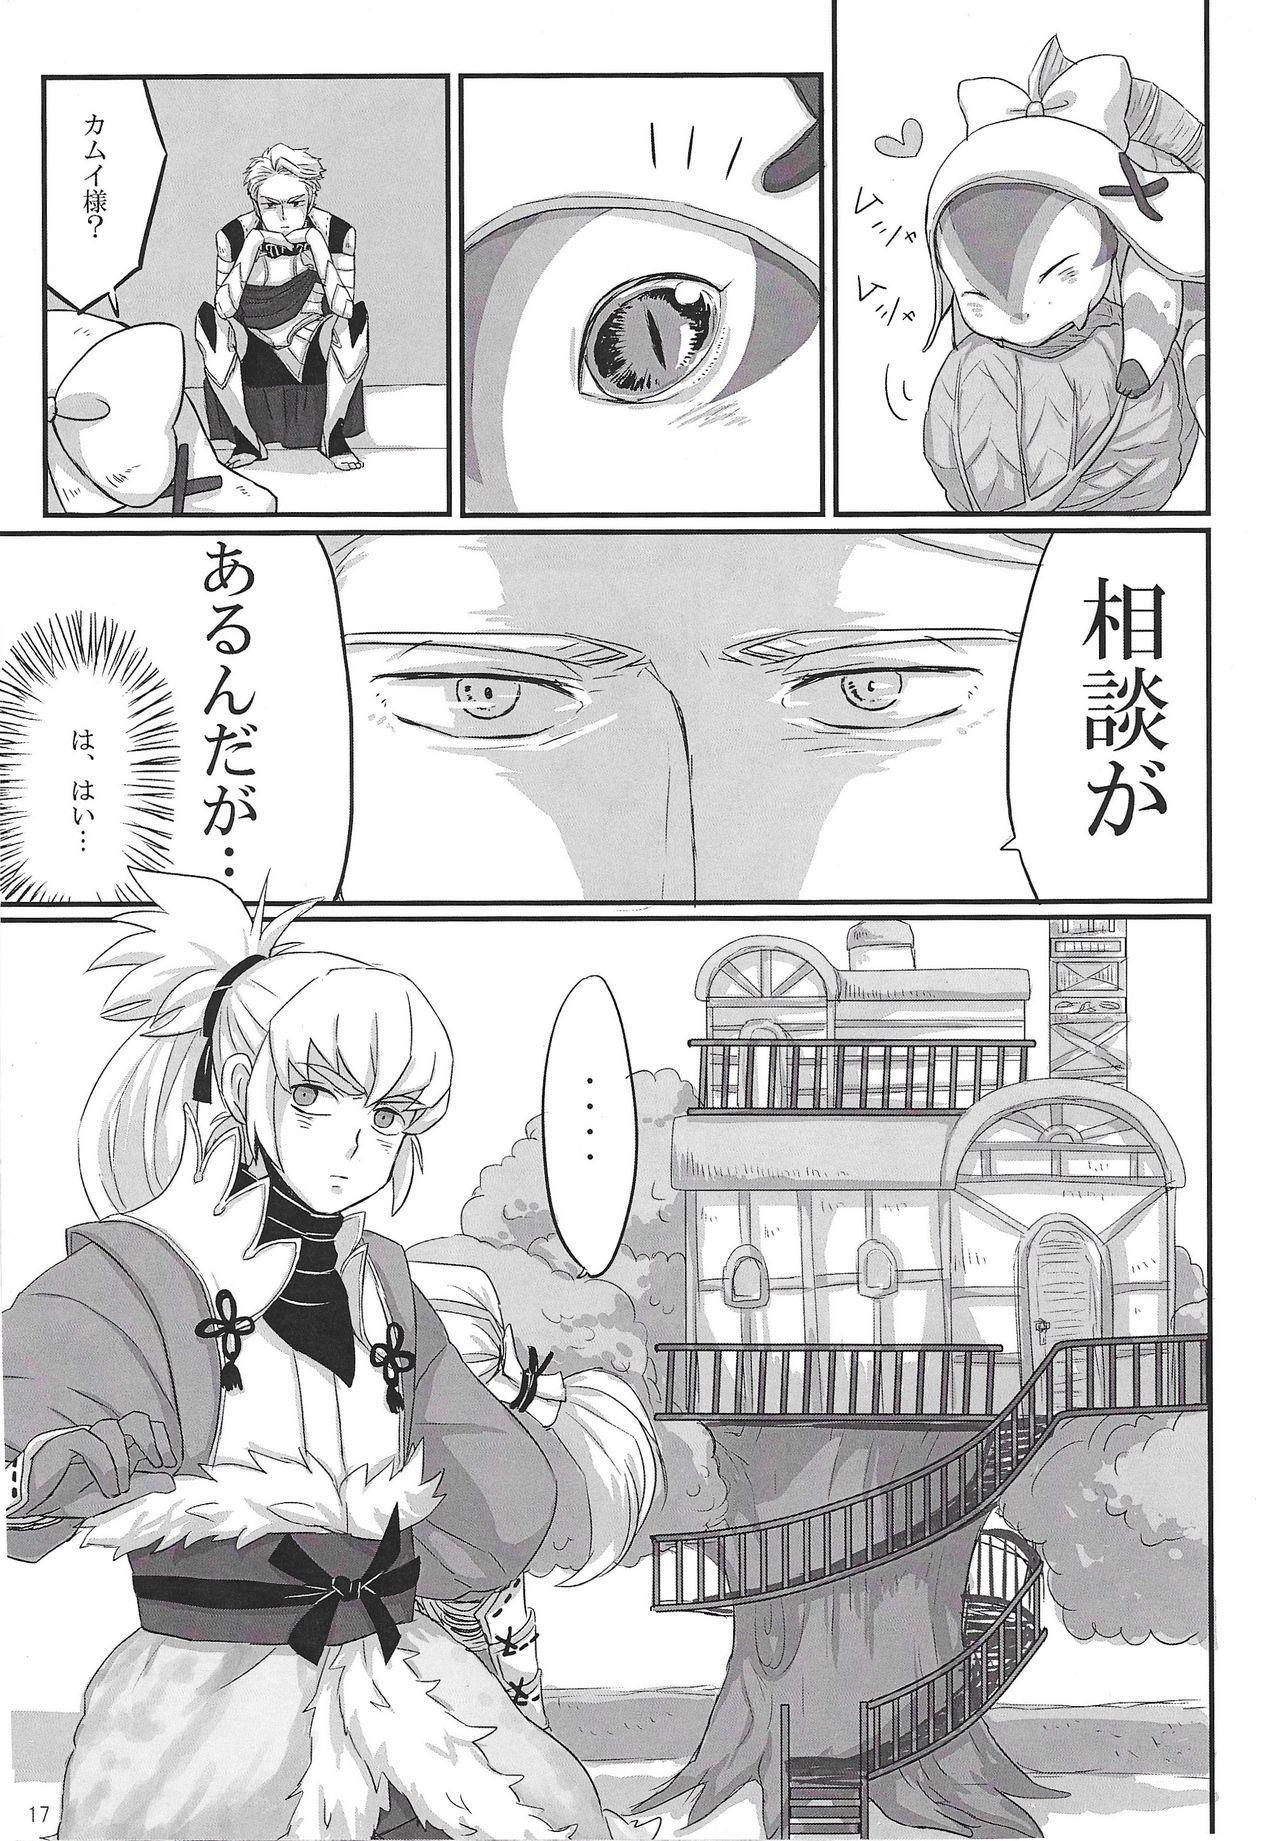 Doragontakuse~tsu○ su 16